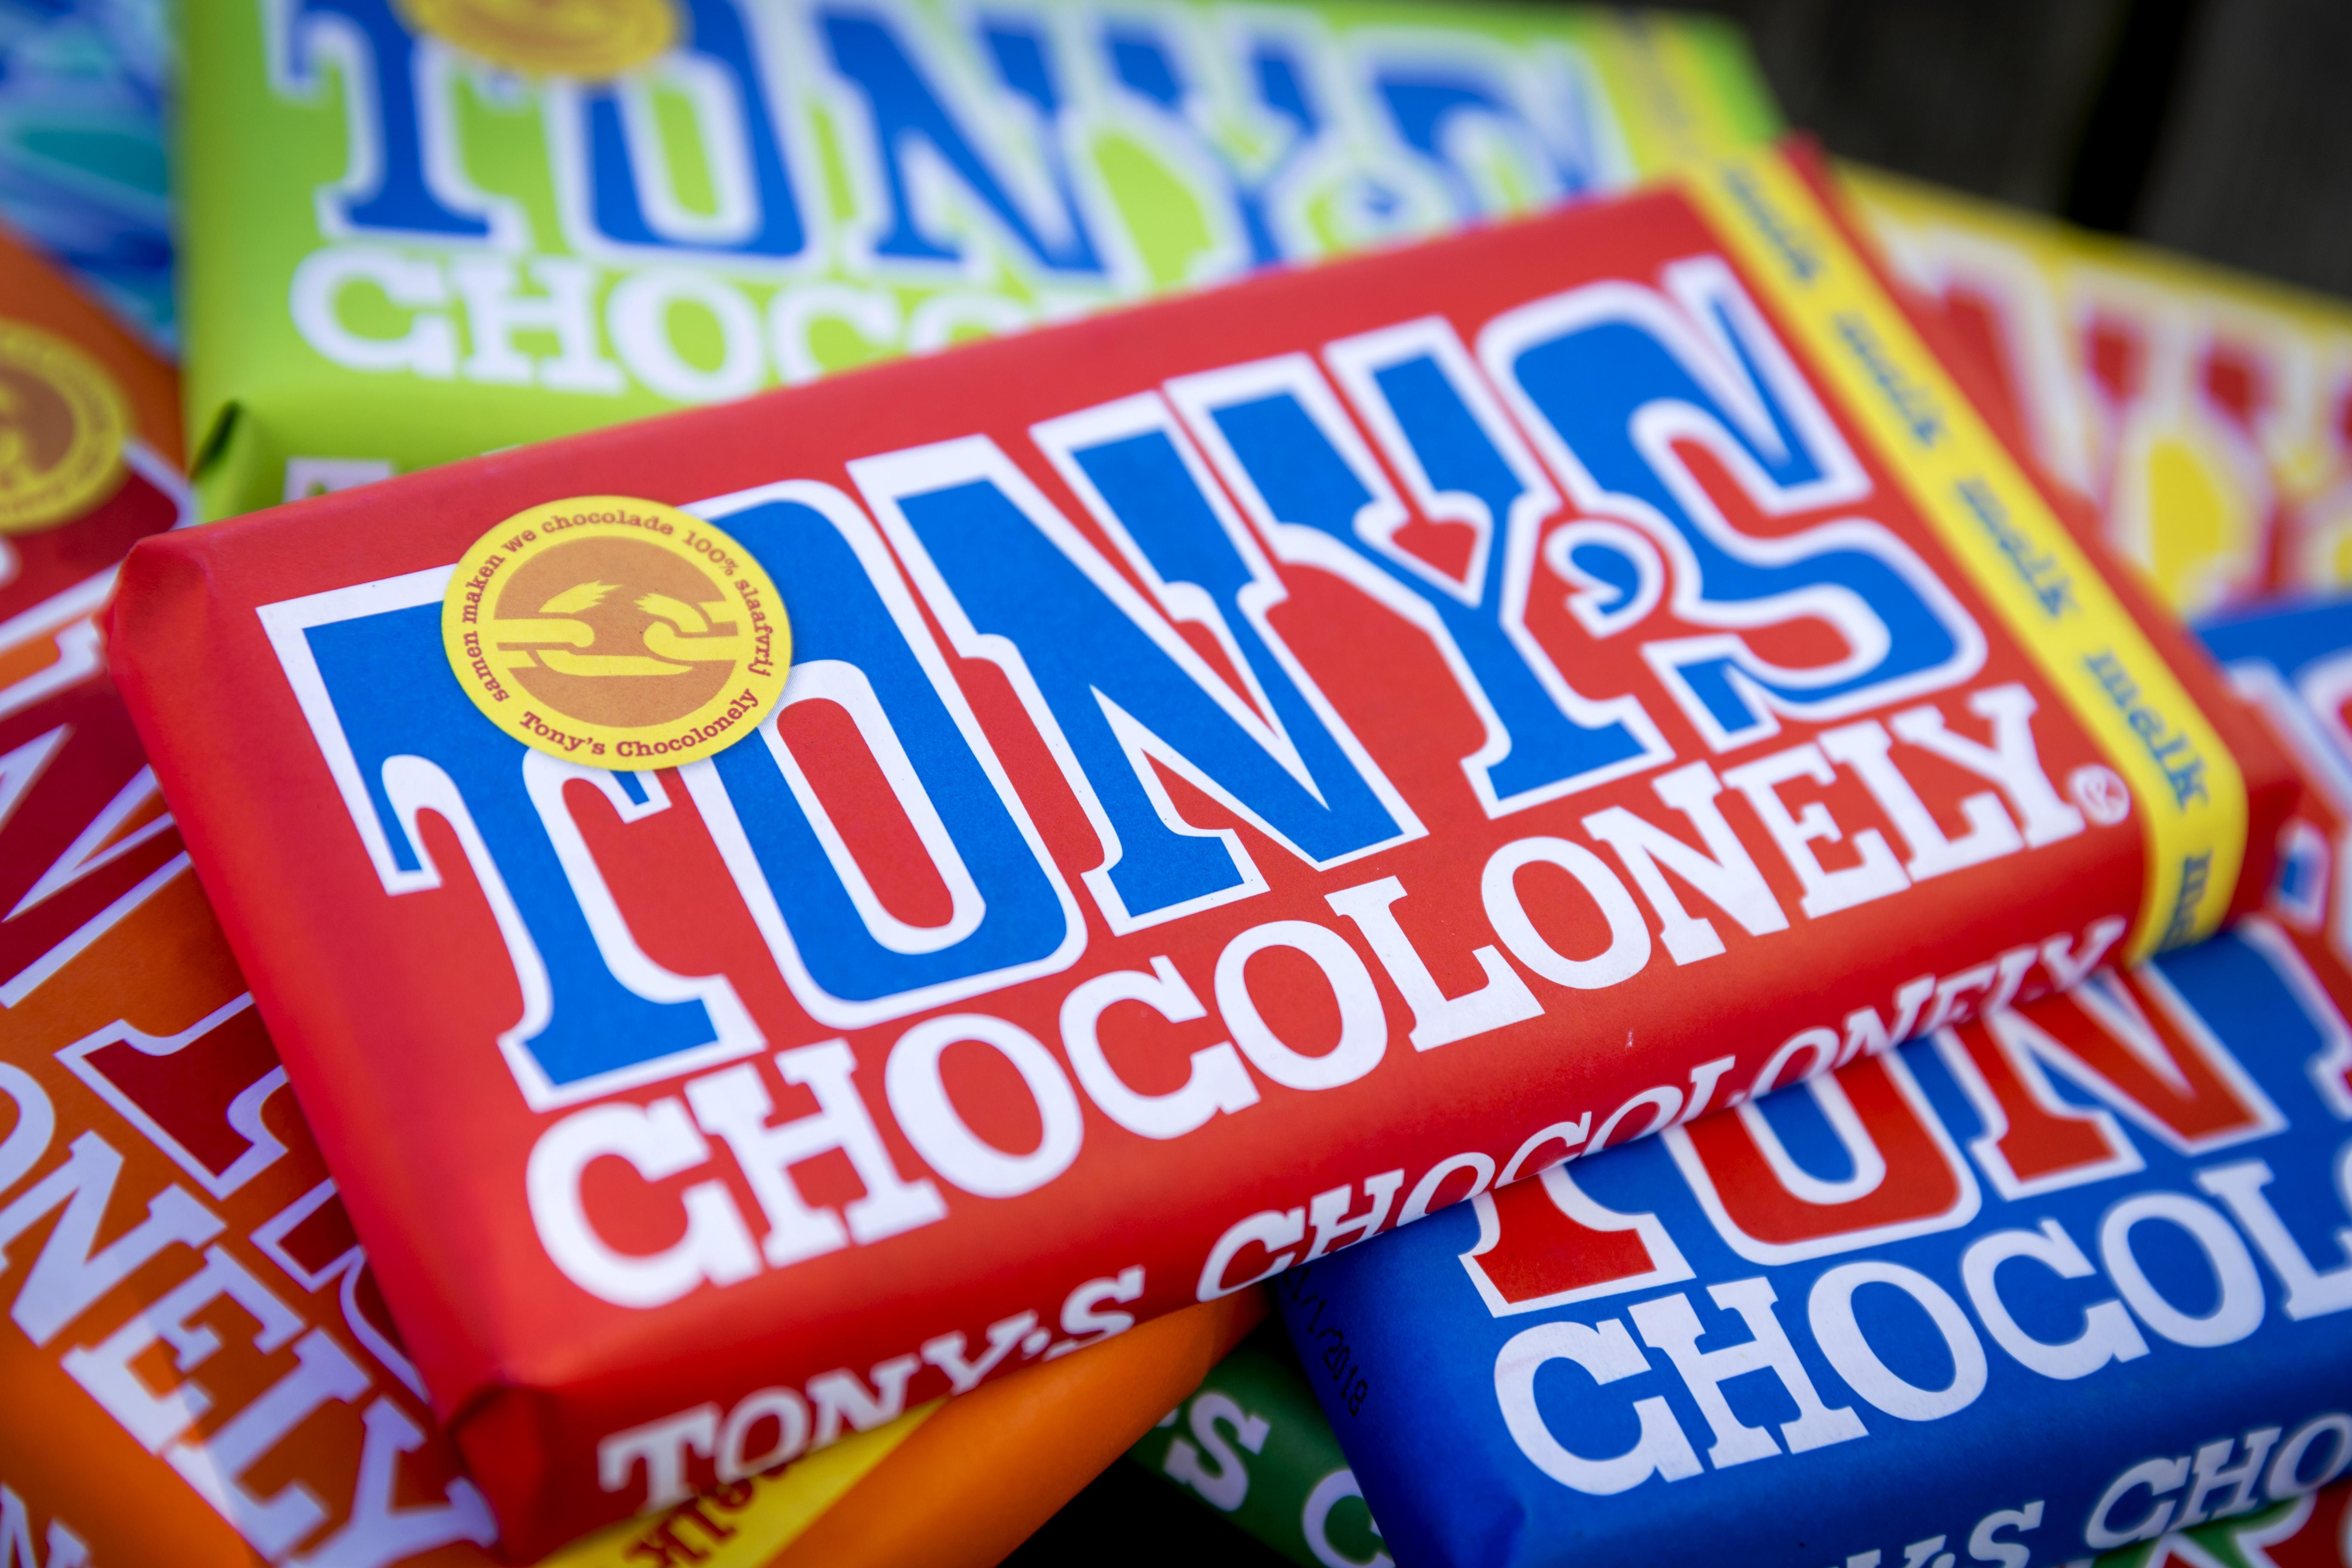 Hoera! Morgen opent Tony's Chocolonely een winkel in deze stad!